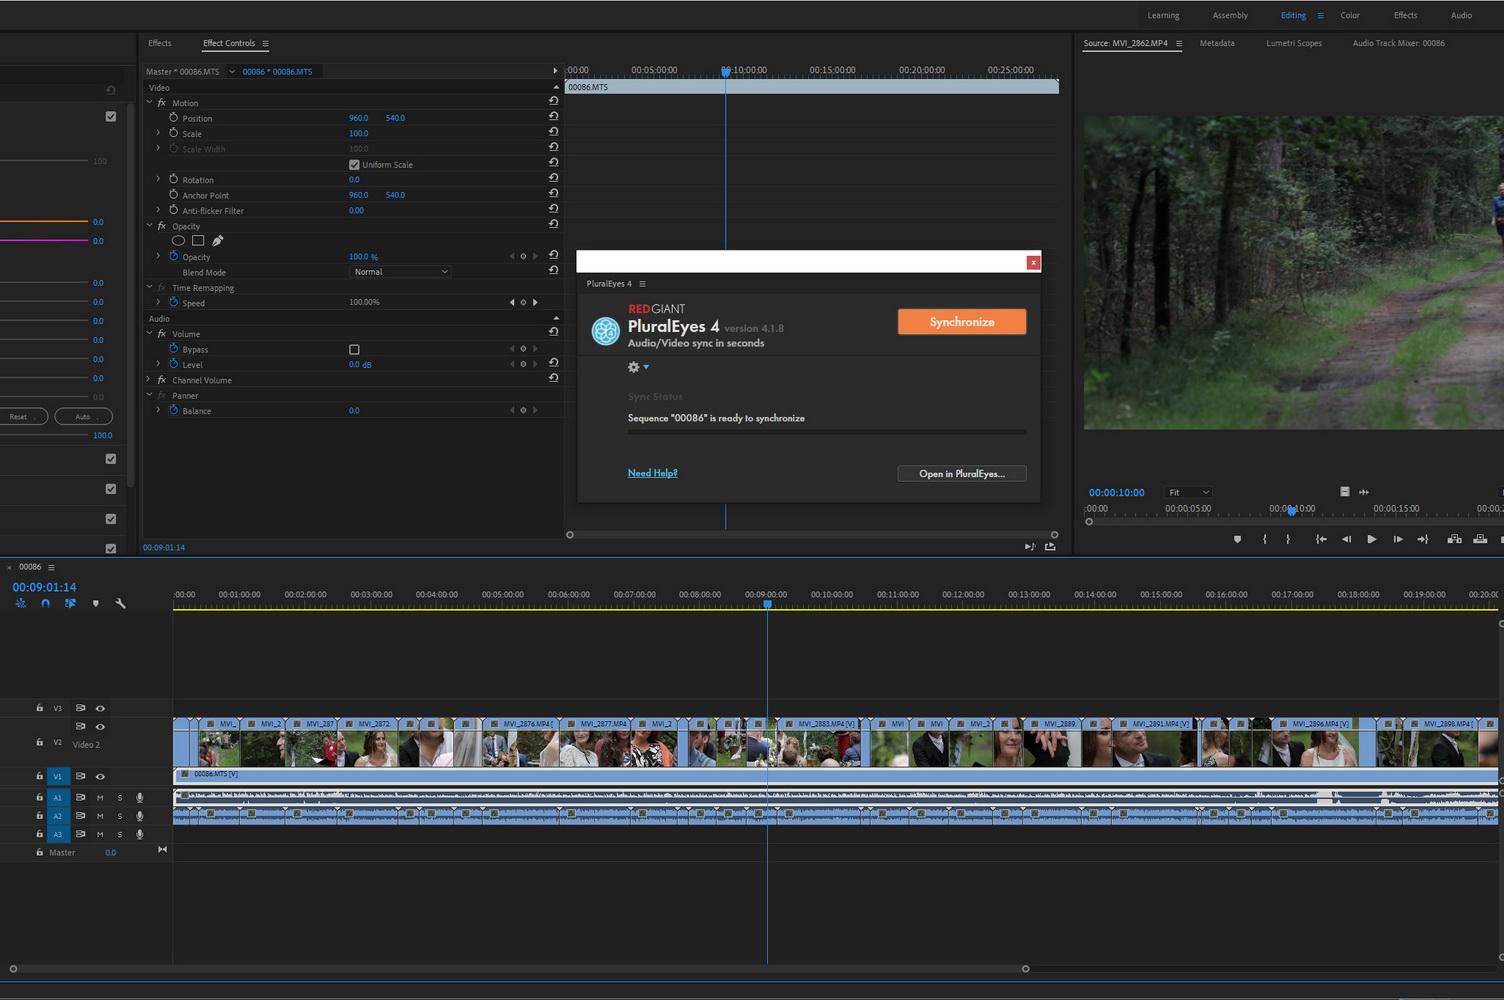 Videobeelden van meerdere camera's voor synchronisatie